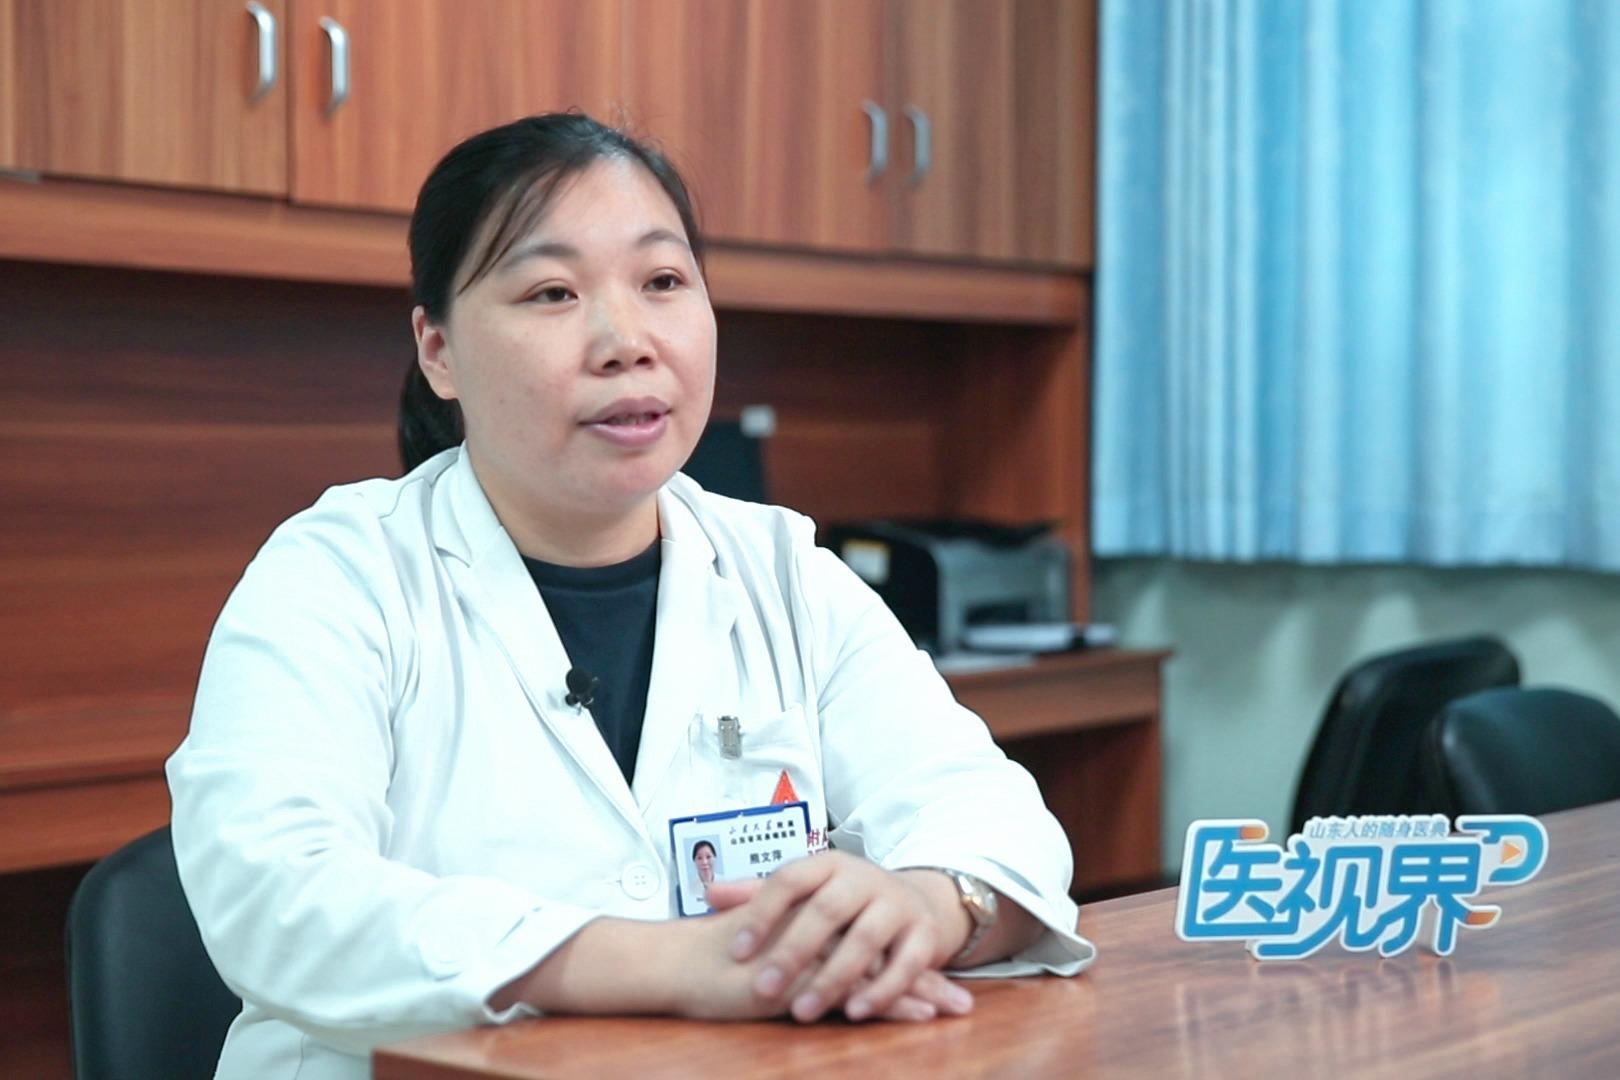 医视界|遗传性耳聋的原因是什么?有哪些治疗方式?可以阻断吗?